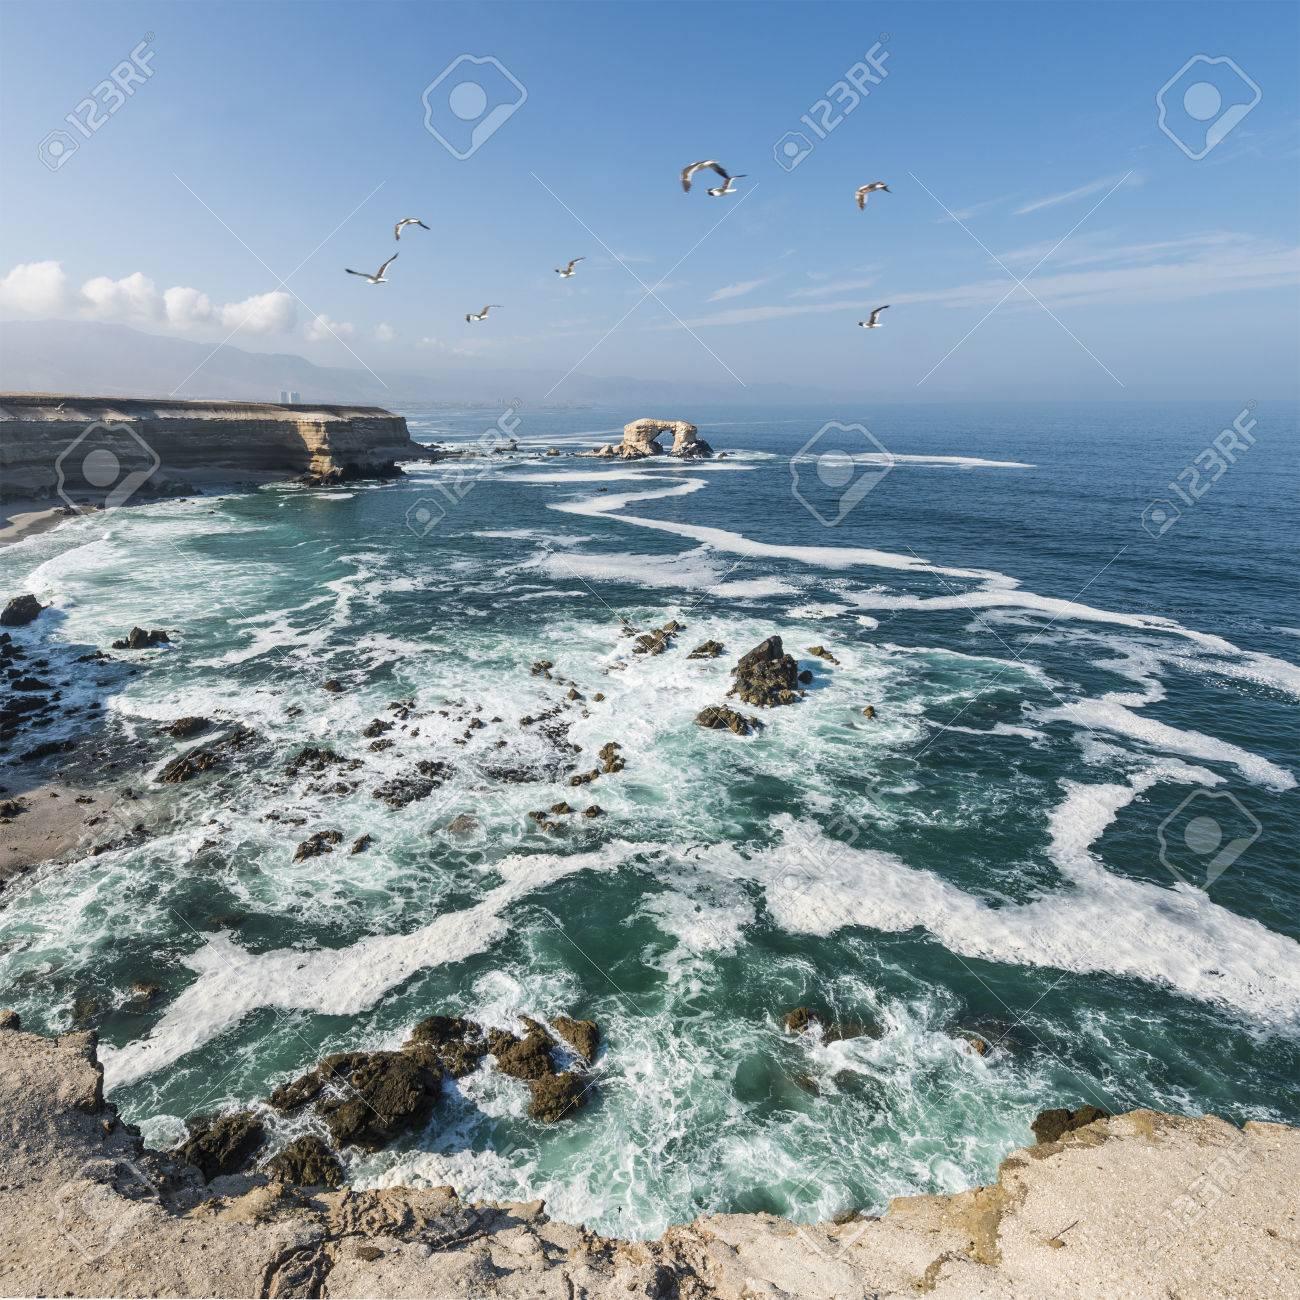 Portada (Arch) Rock Formation, Chilean Coastline, La Portada National Reserve, Antofagasta, Chile - 81976878